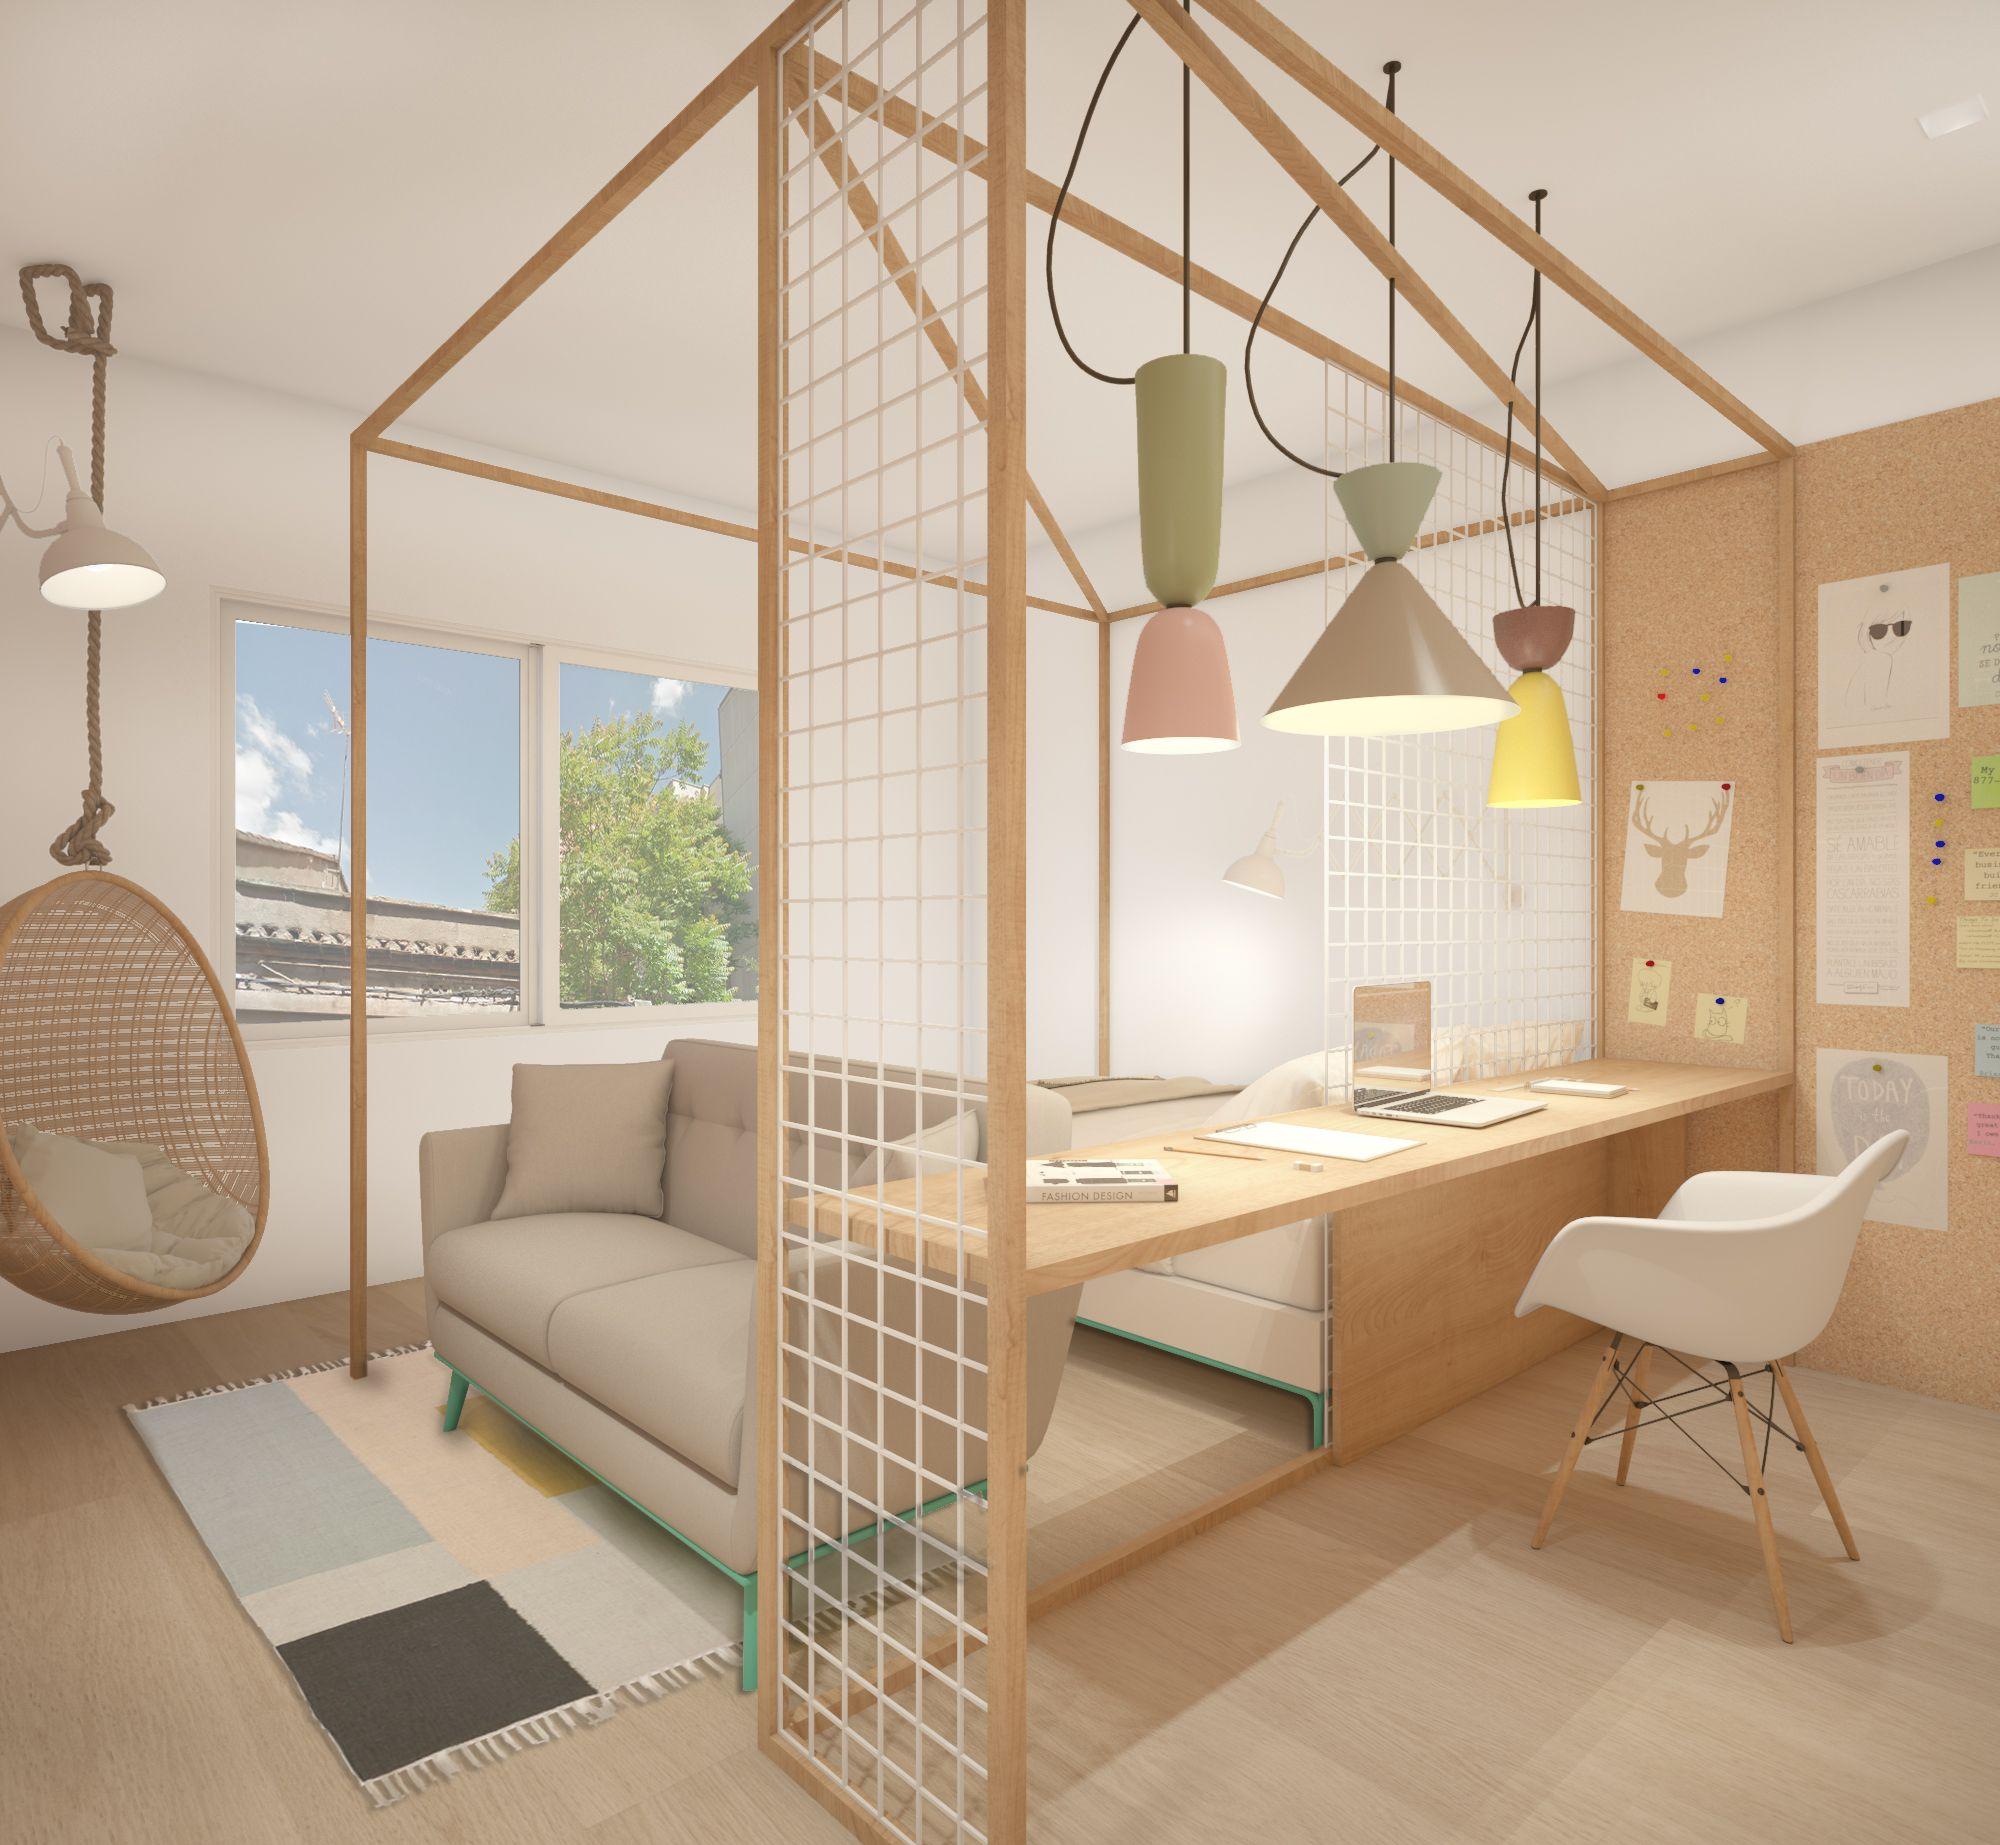 Proyecto de vivienda unifamiliar en sabadell de 190 m2 interiorismo interiordesign intetiorism